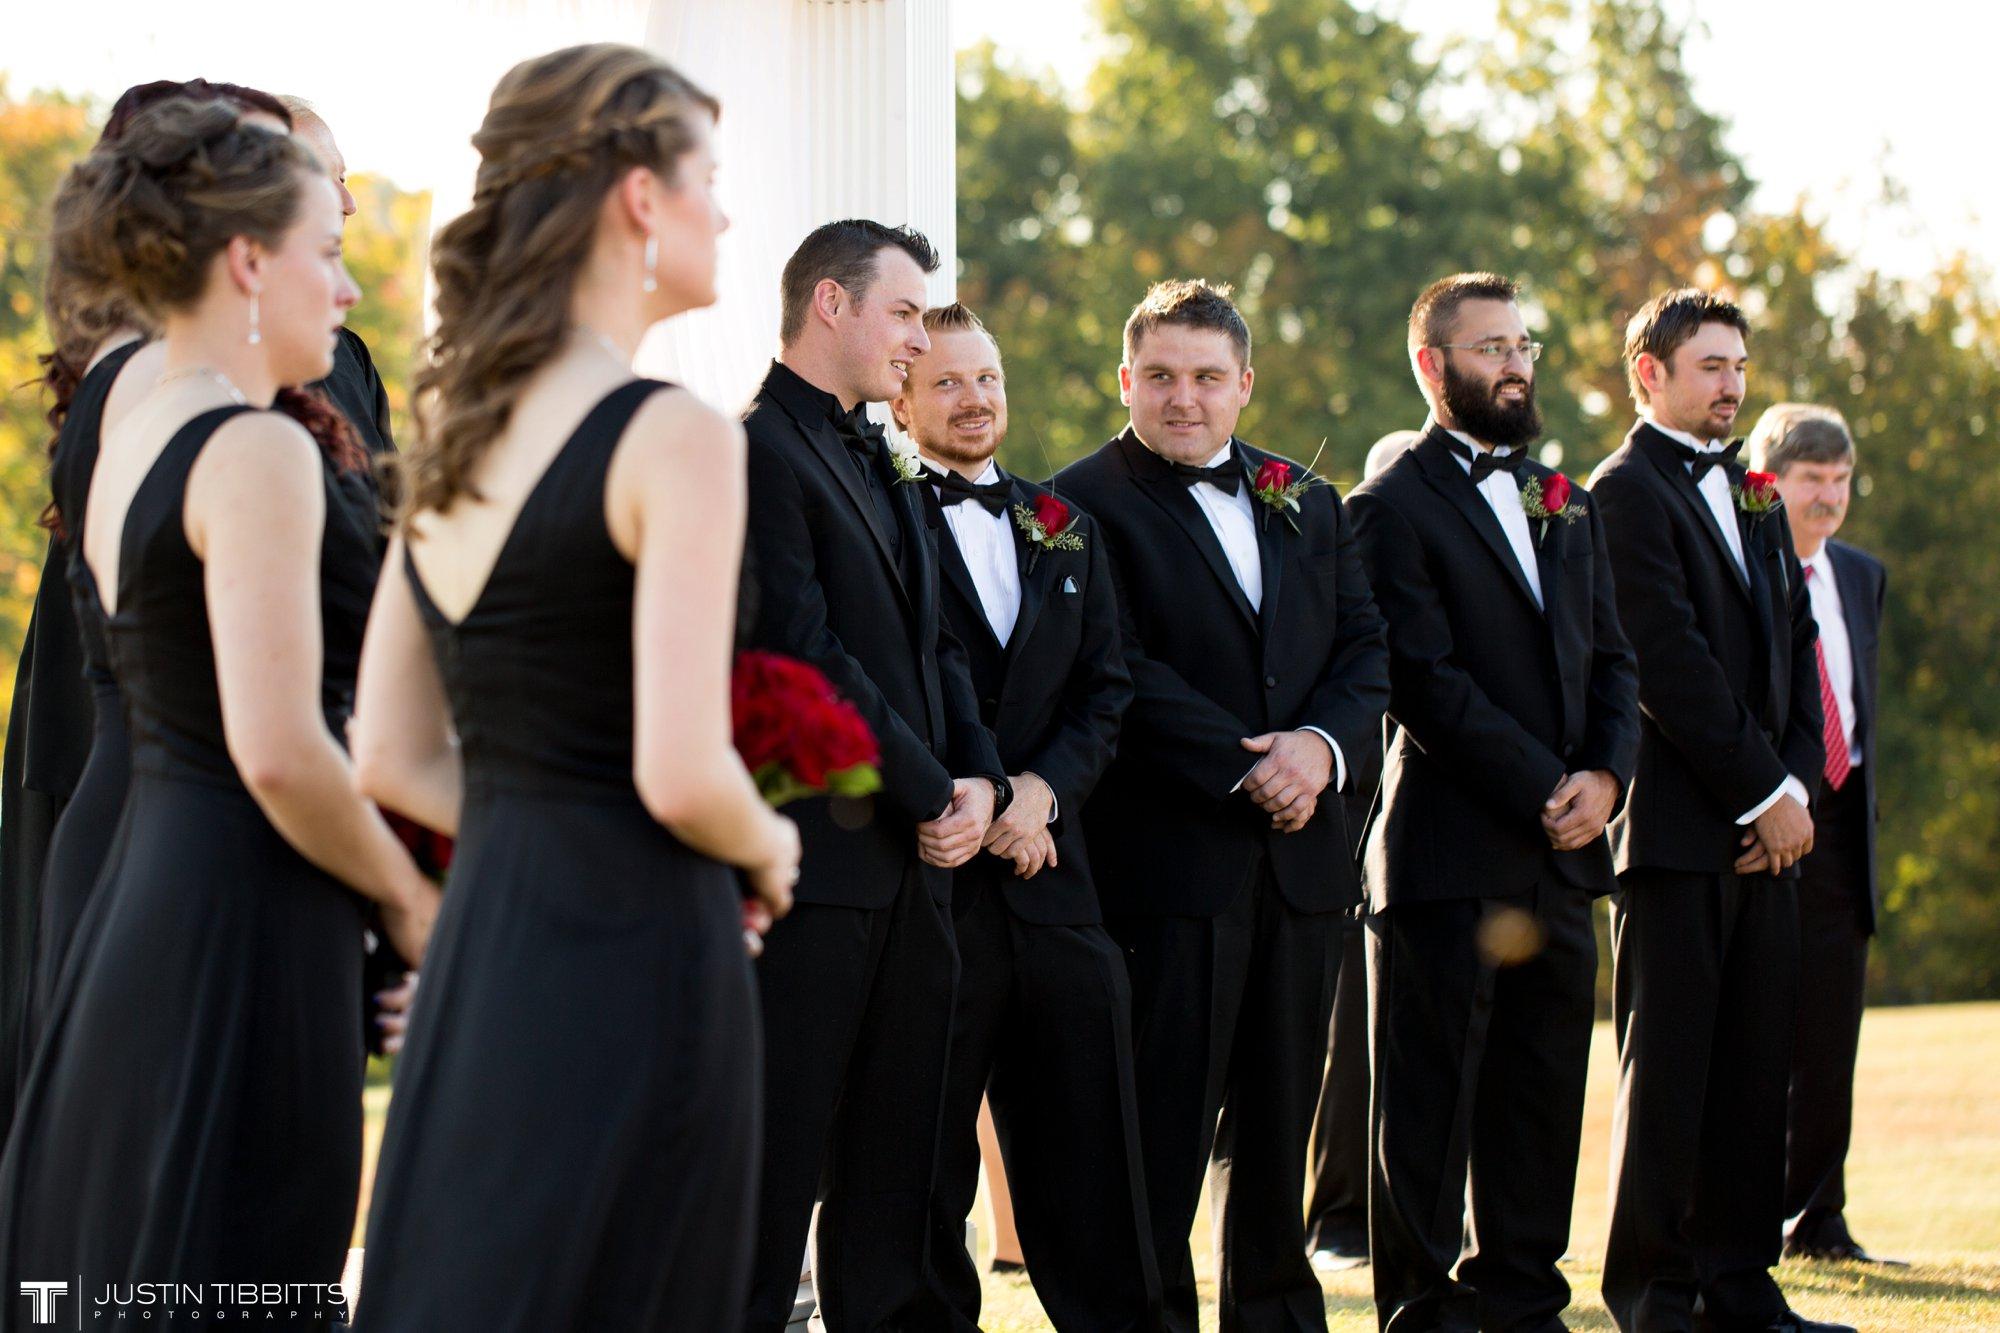 Albany NY Wedding Photographer Justin Tibbitts Photography 2014 Best of Albany NY Weddings-17140253217